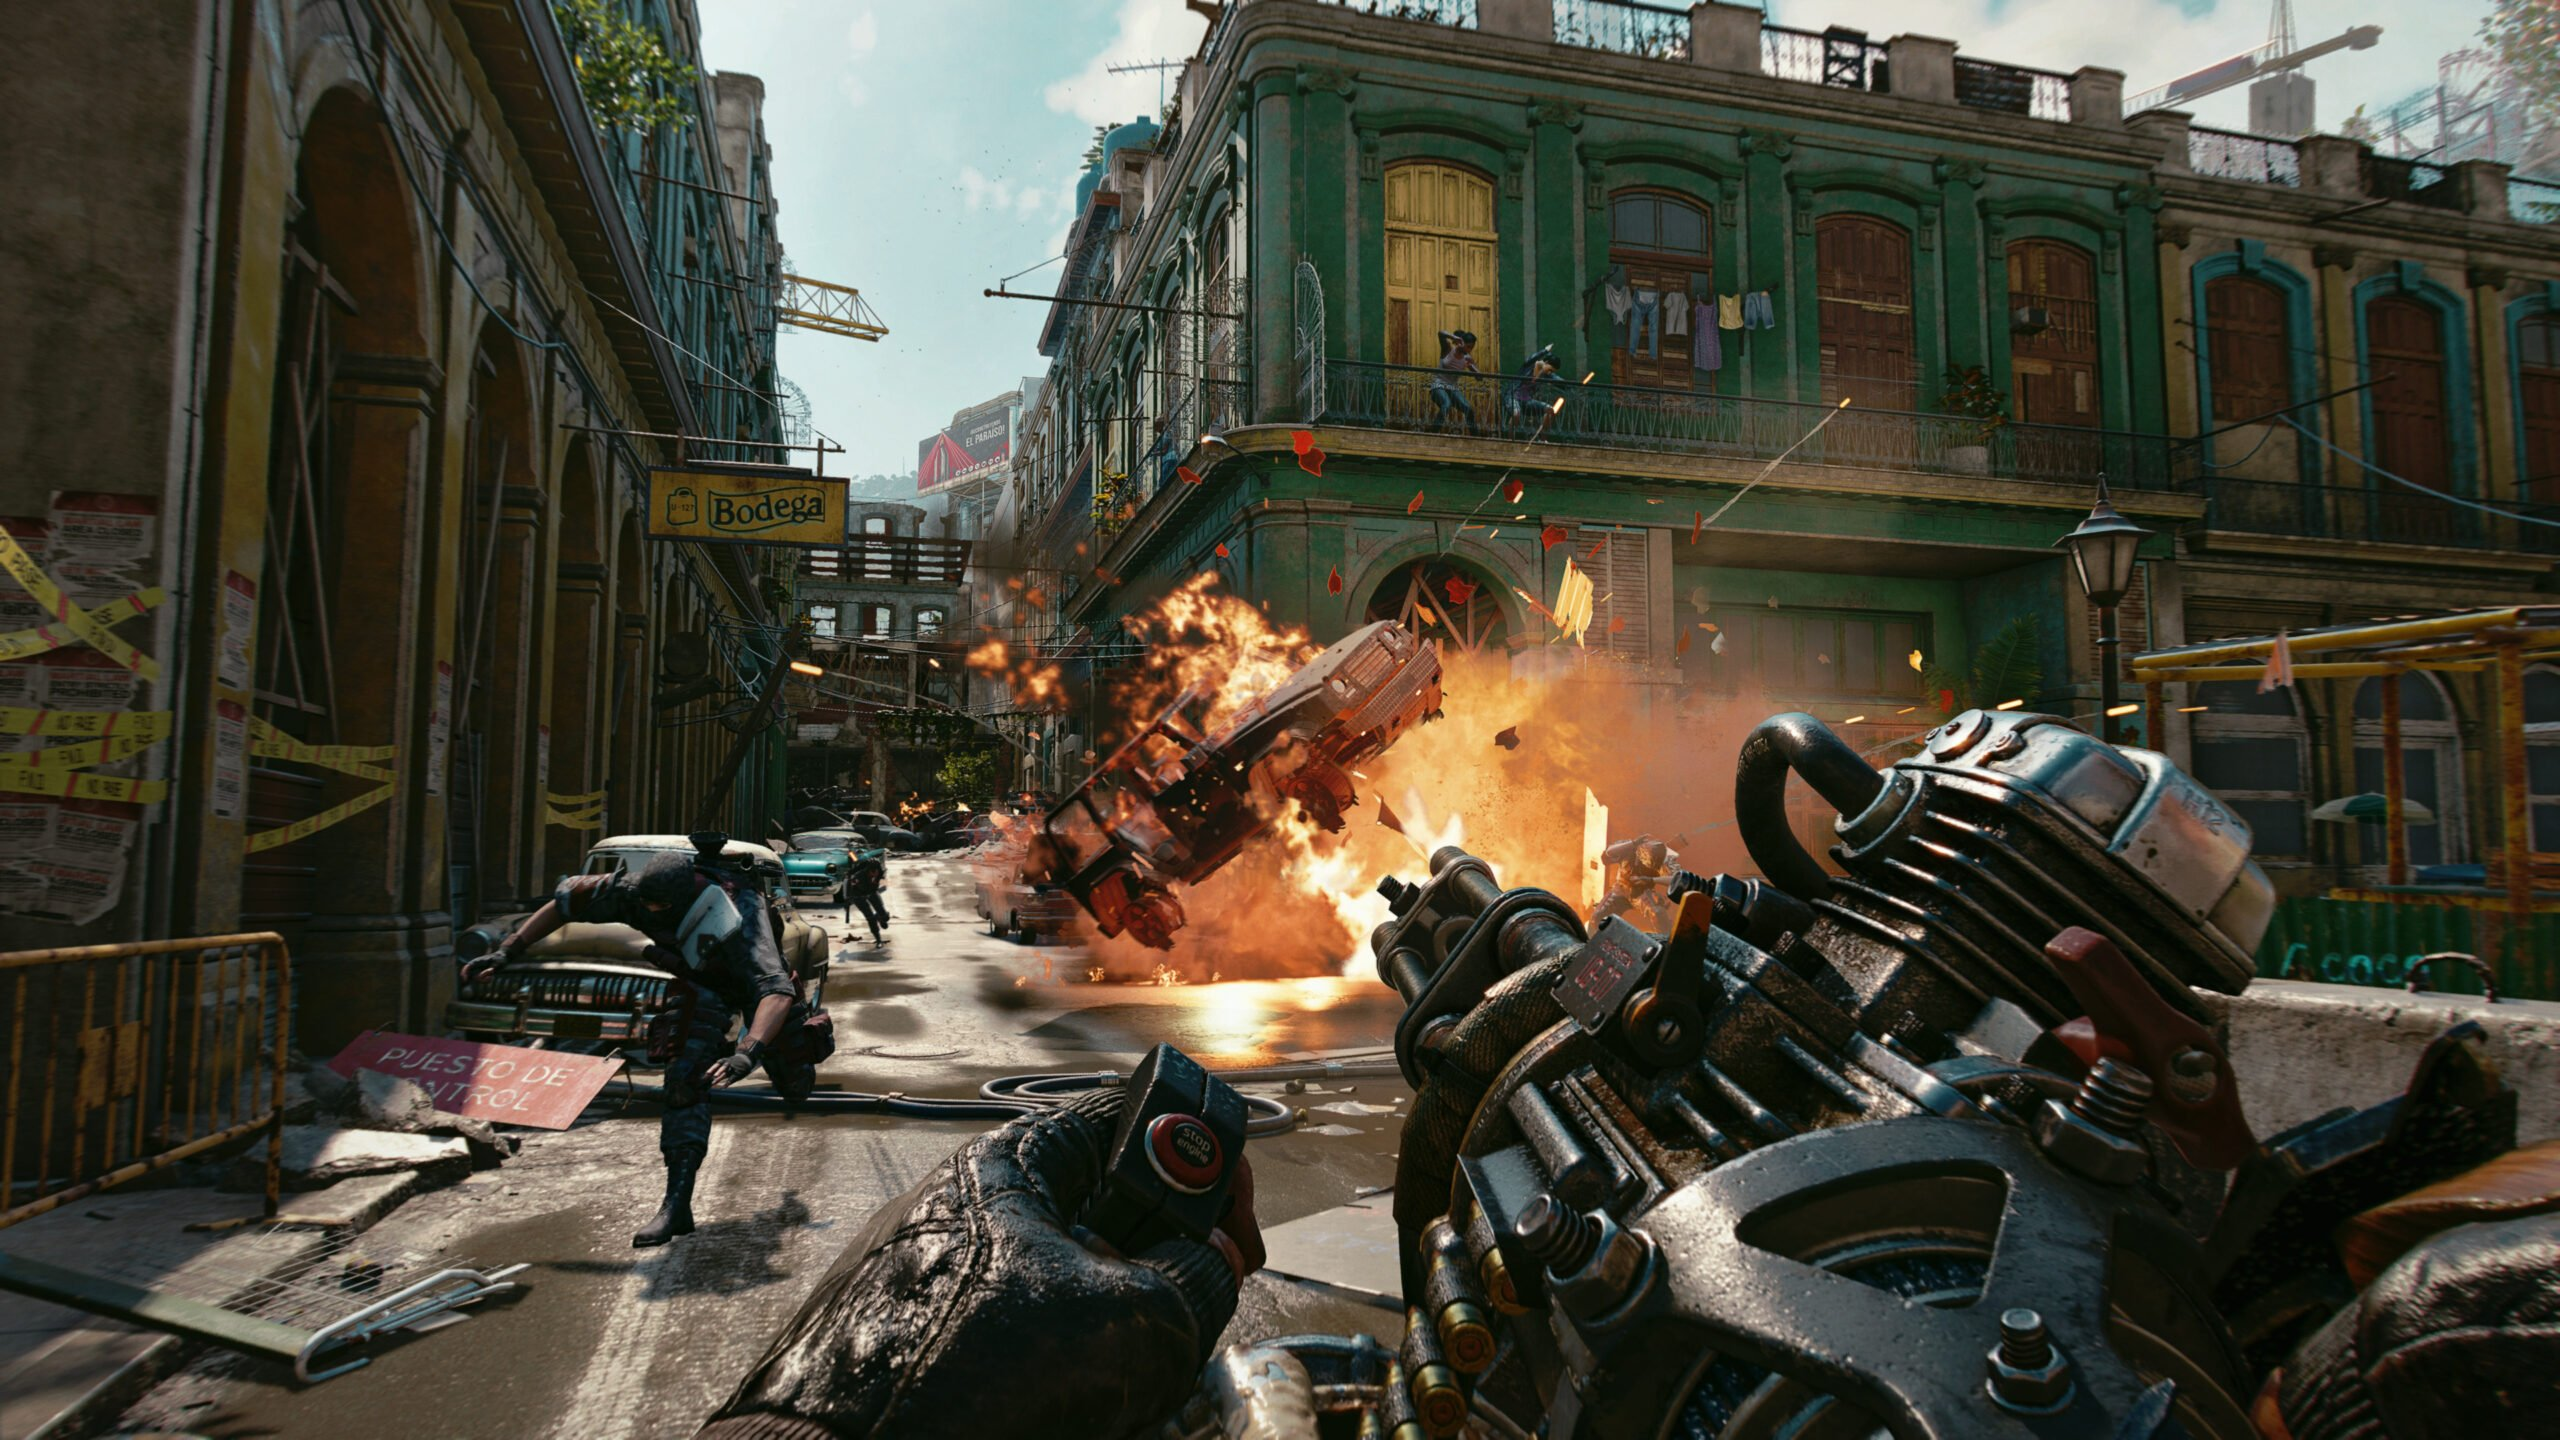 Far Cry 6 Explosions in Yara